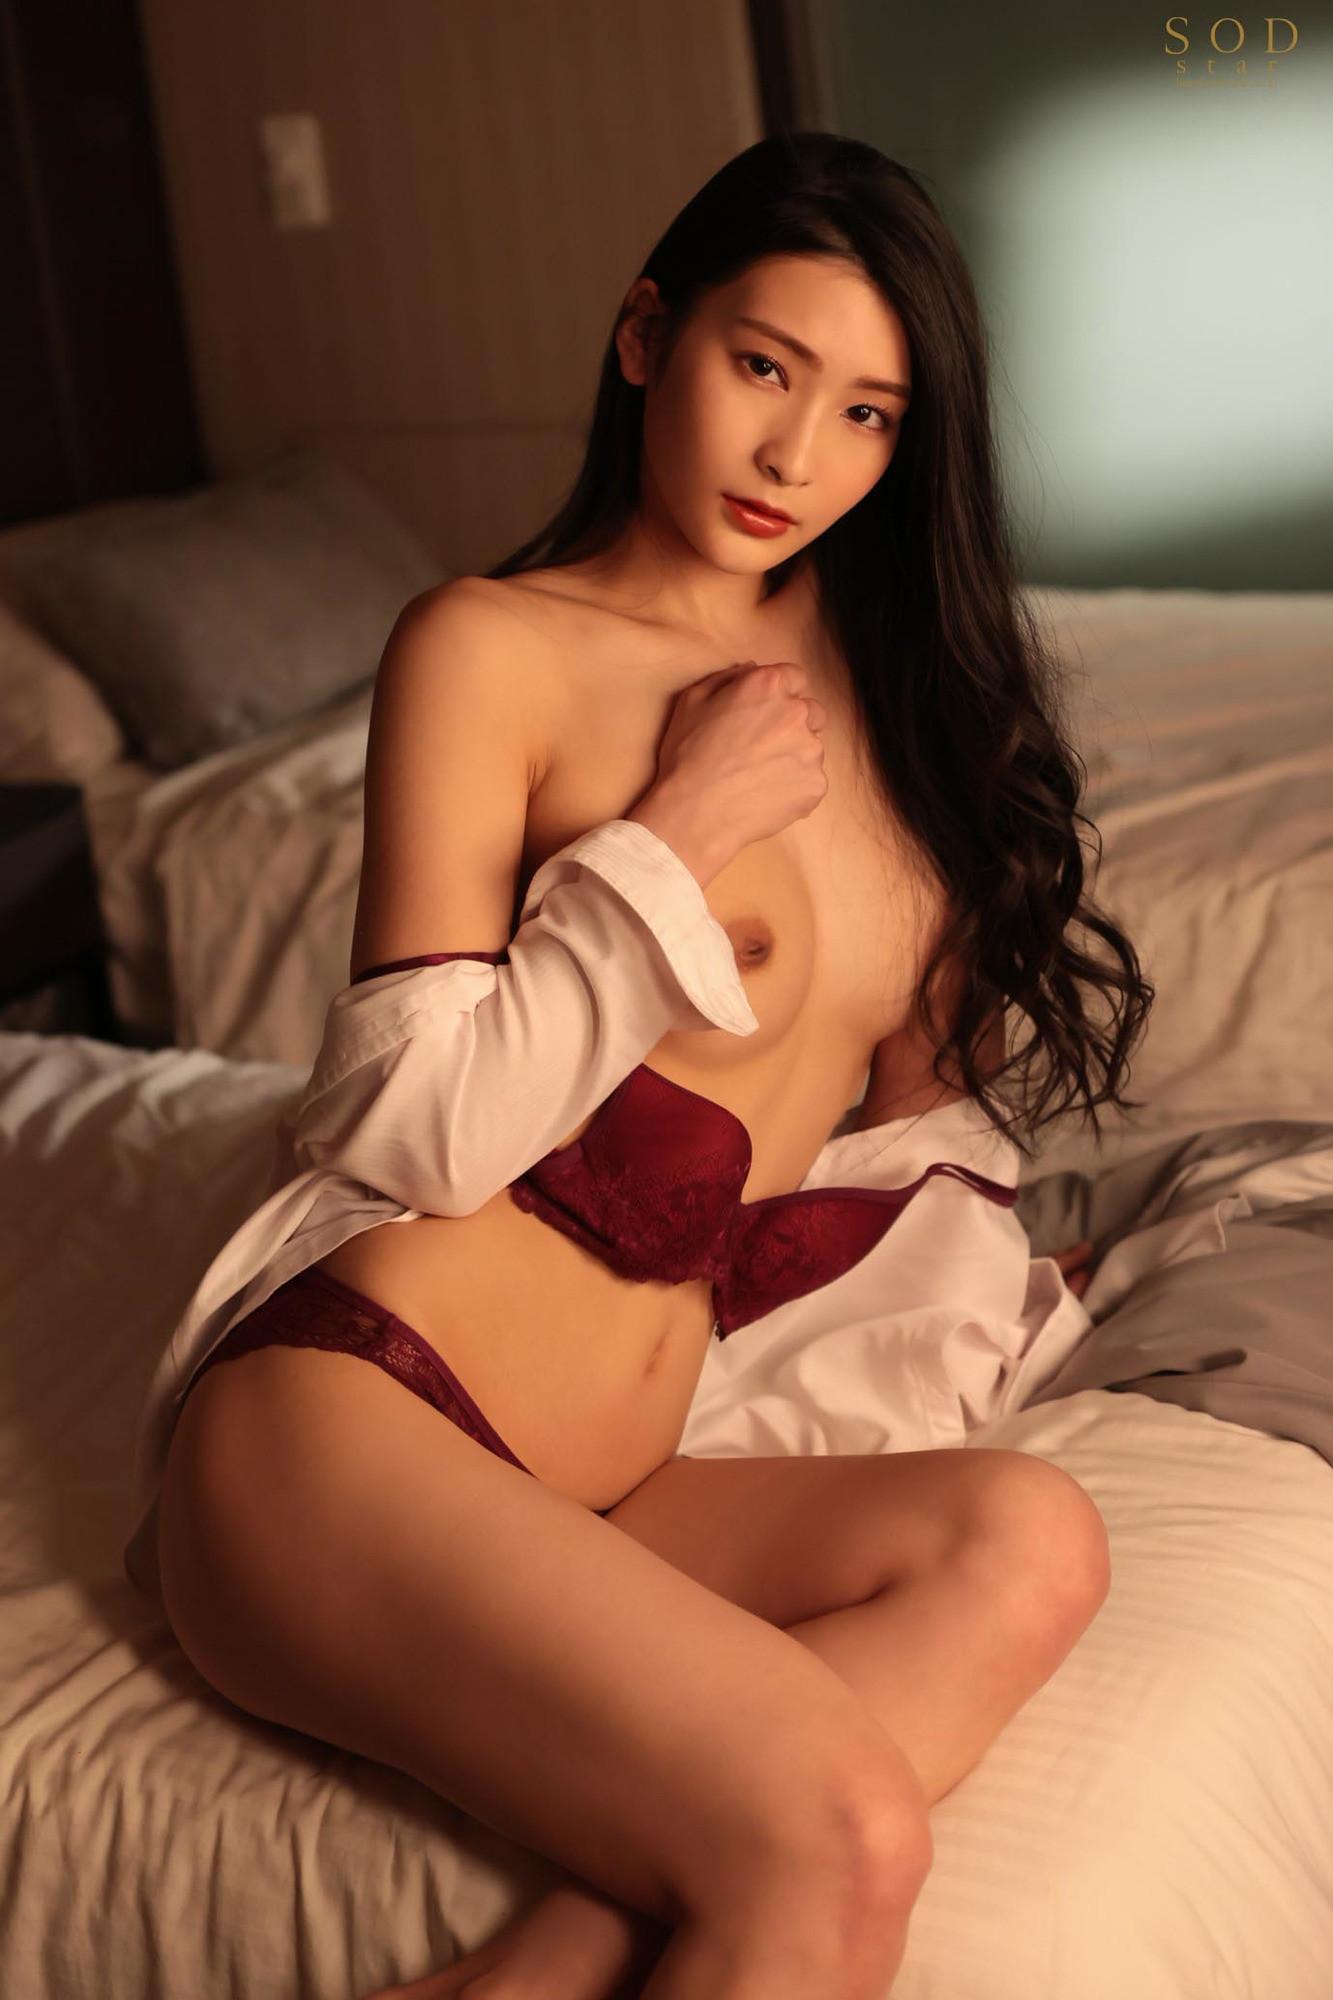 童貞部下と出張先でホテル相部屋 翌朝までベロチュウ姦され続ける化粧品メーカーの寝取られ女上司 本庄鈴 画像2